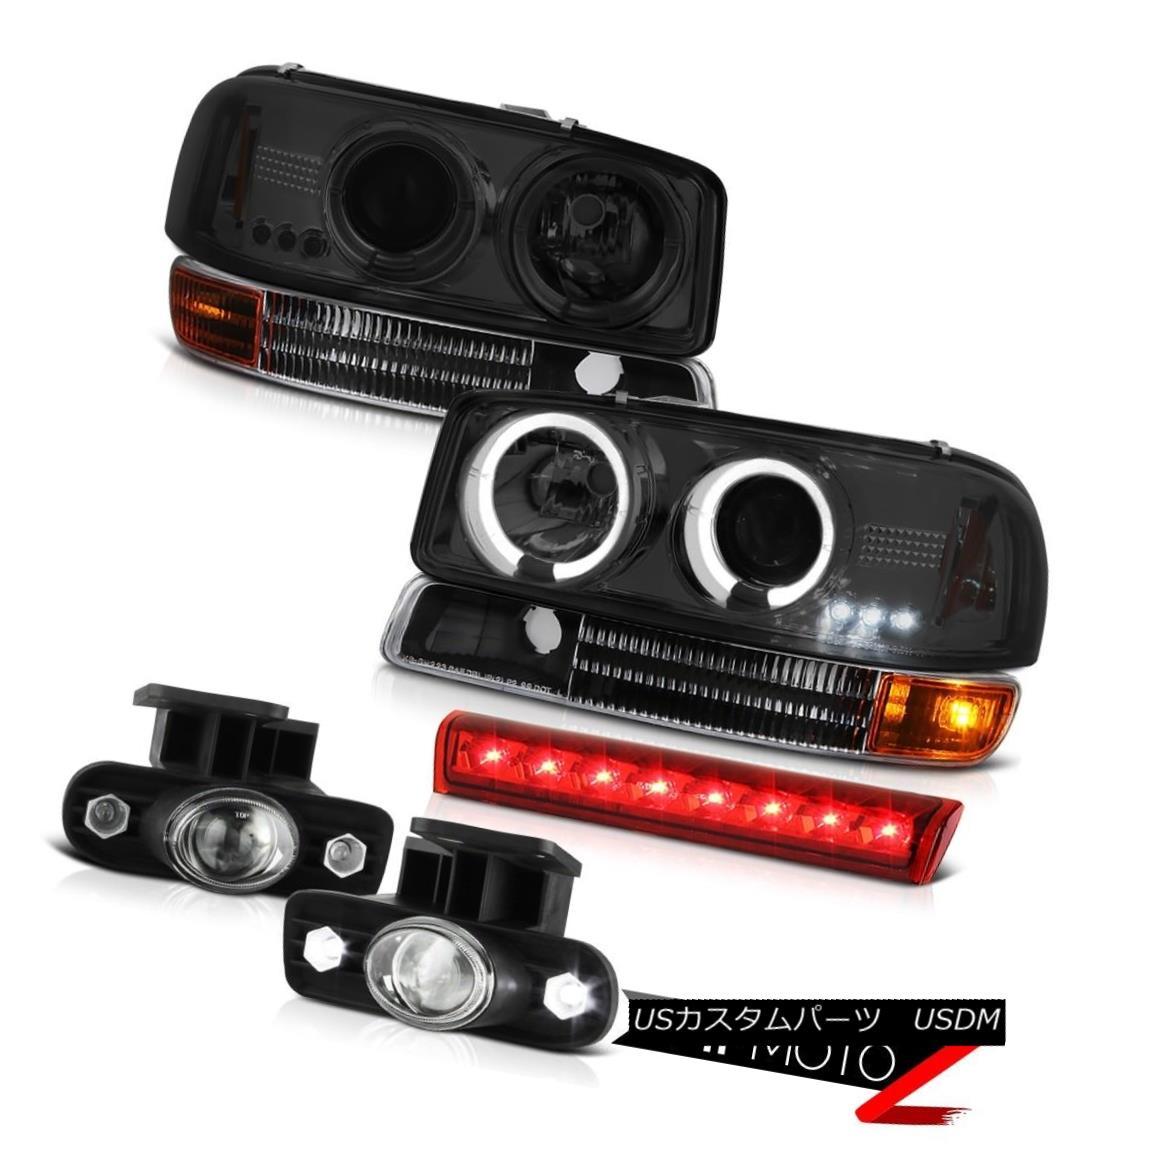 ヘッドライト Bumper Signal FogLamp Red LED Cargo Brake 00 01 02 03 04 05 Yukon Halo Headlight バンパー信号フォグランプレッドLEDカーゴブレーキ00 01 02 03 04 05ユーコンヘイローヘッドライト